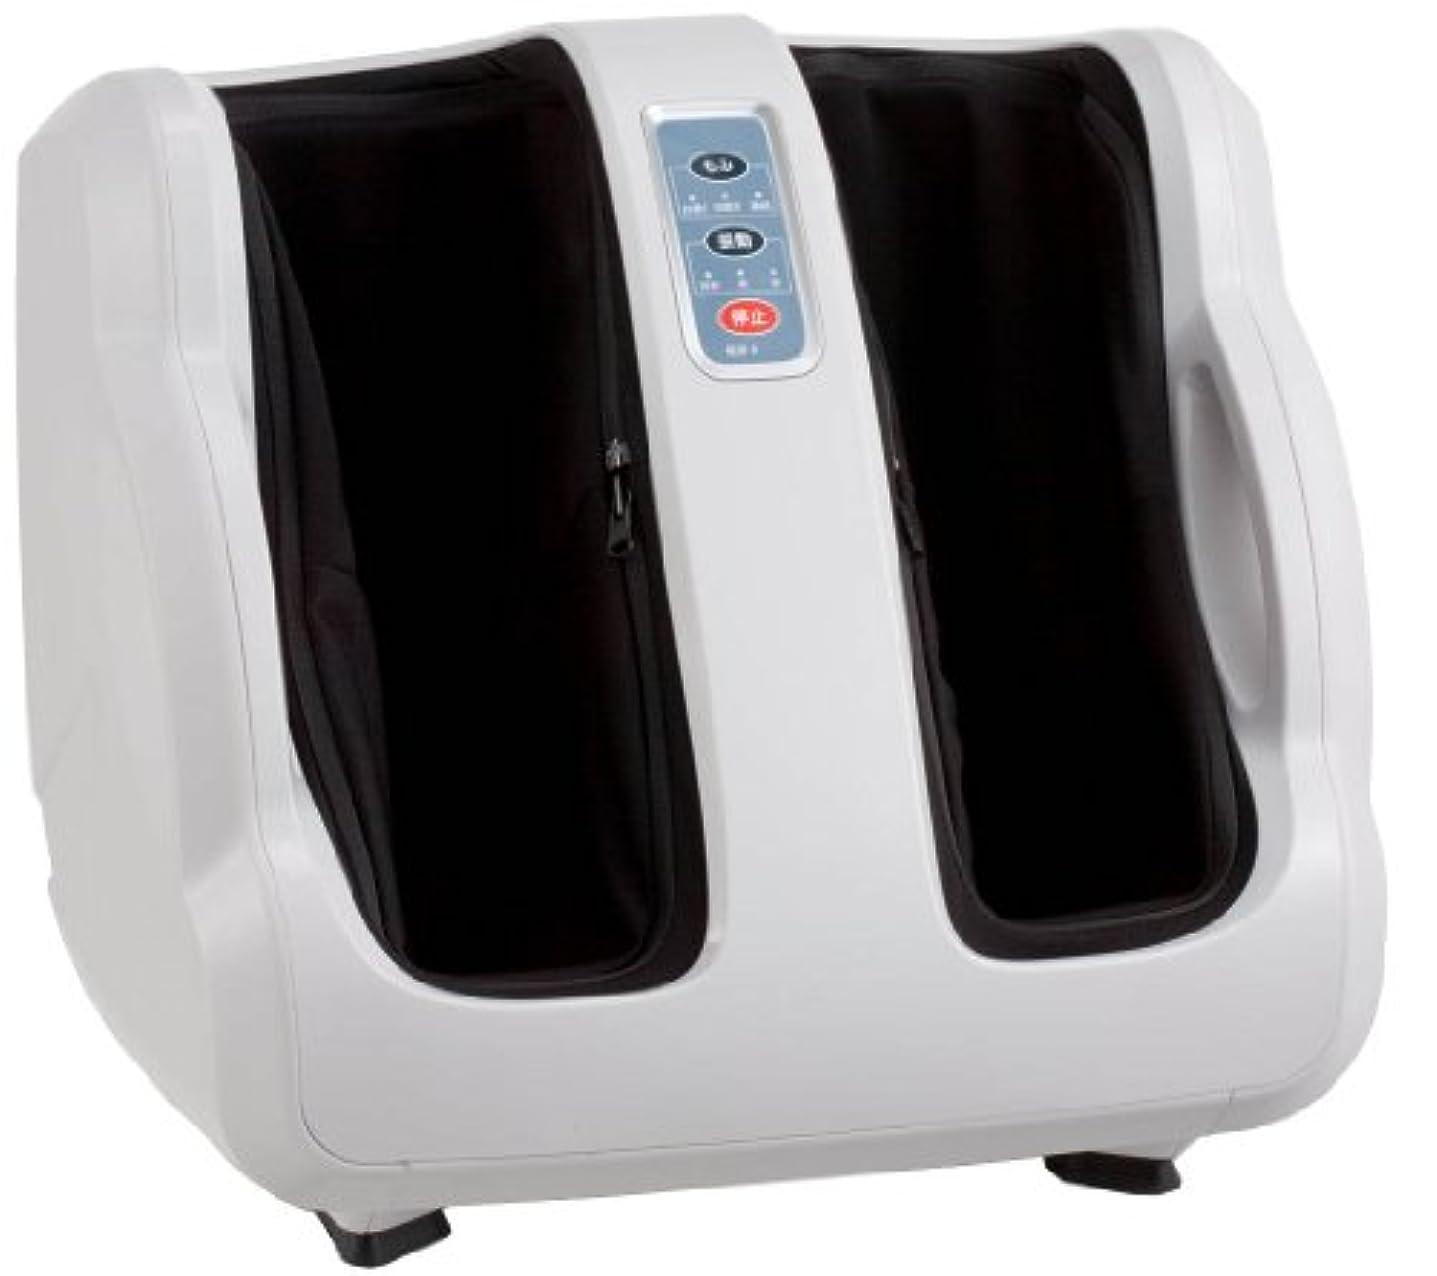 吸い込む出発調査スライヴ(THRIVE) フットマッサージャー アトミックギアー ホワイト MD-7100(W)